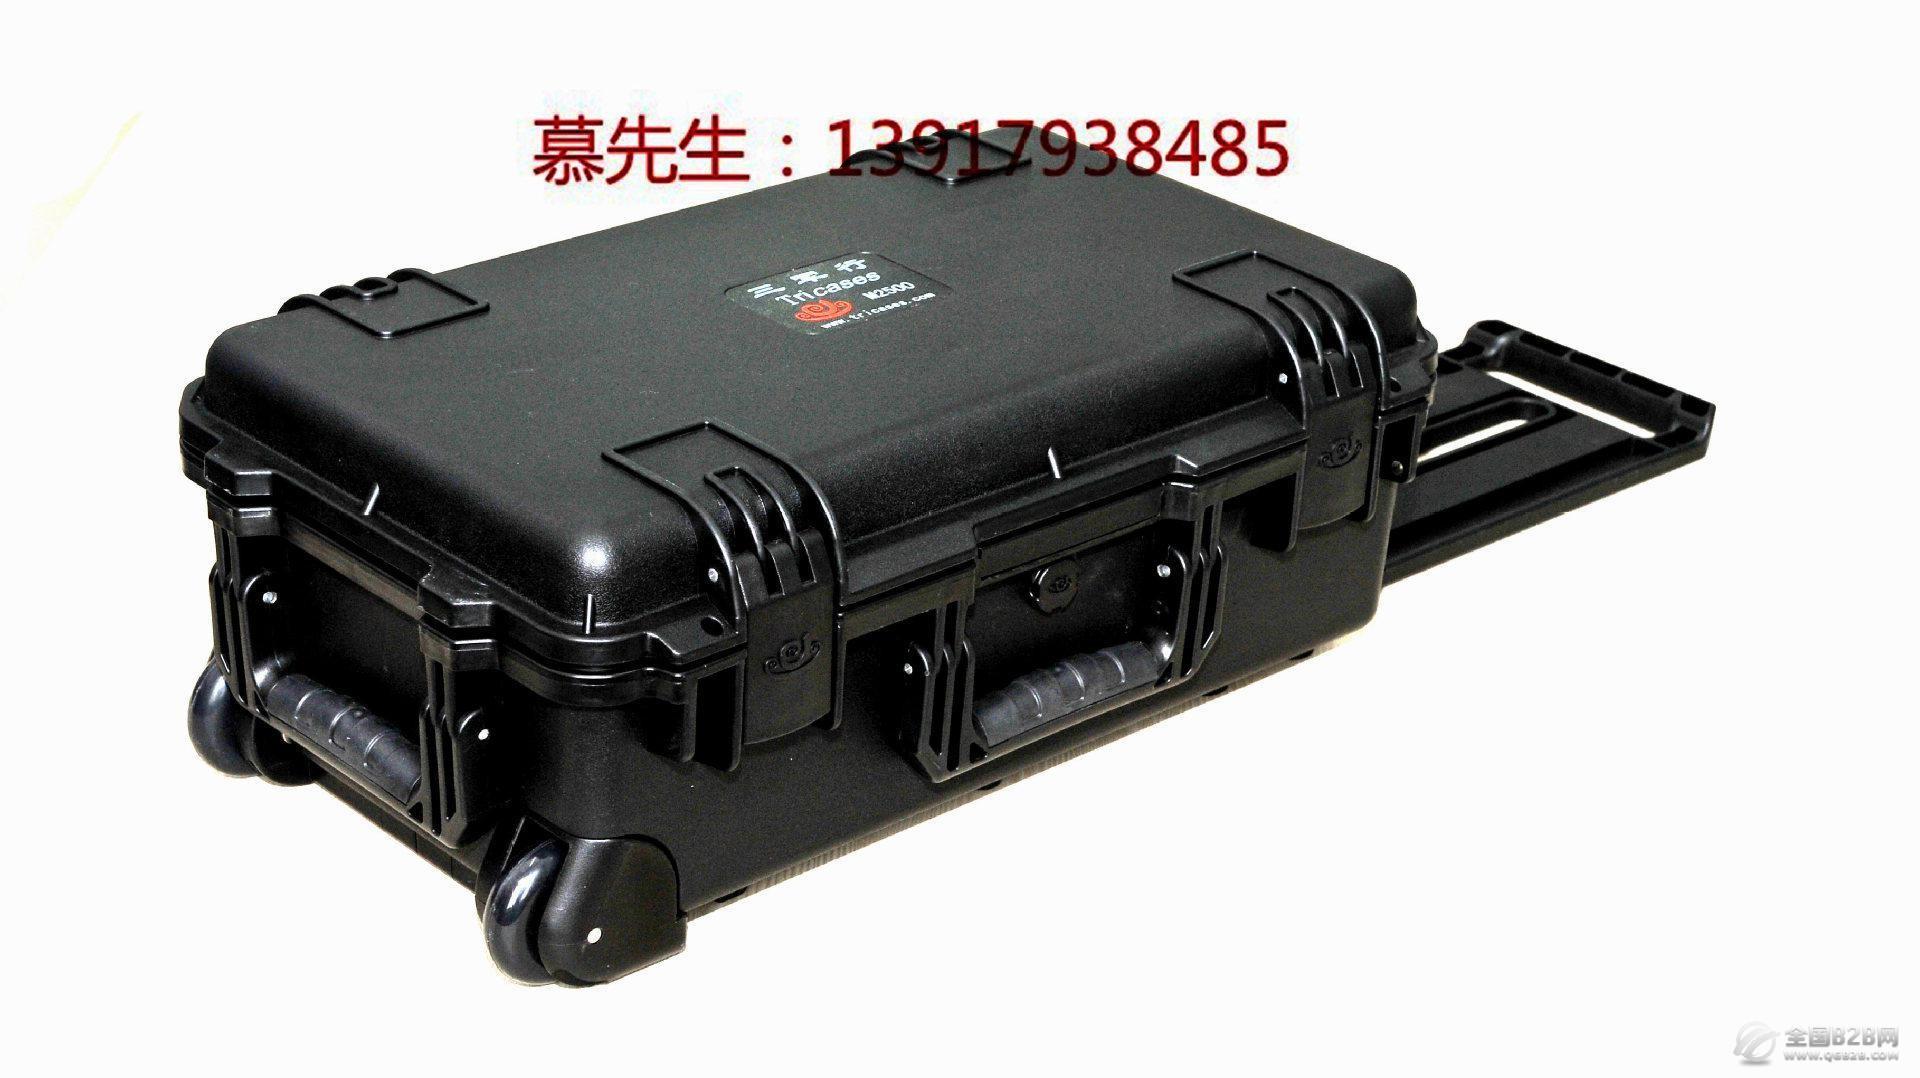 仪器仪表防护箱 相机防潮箱仪器保护运输箱体 器材箱仪器保护箱